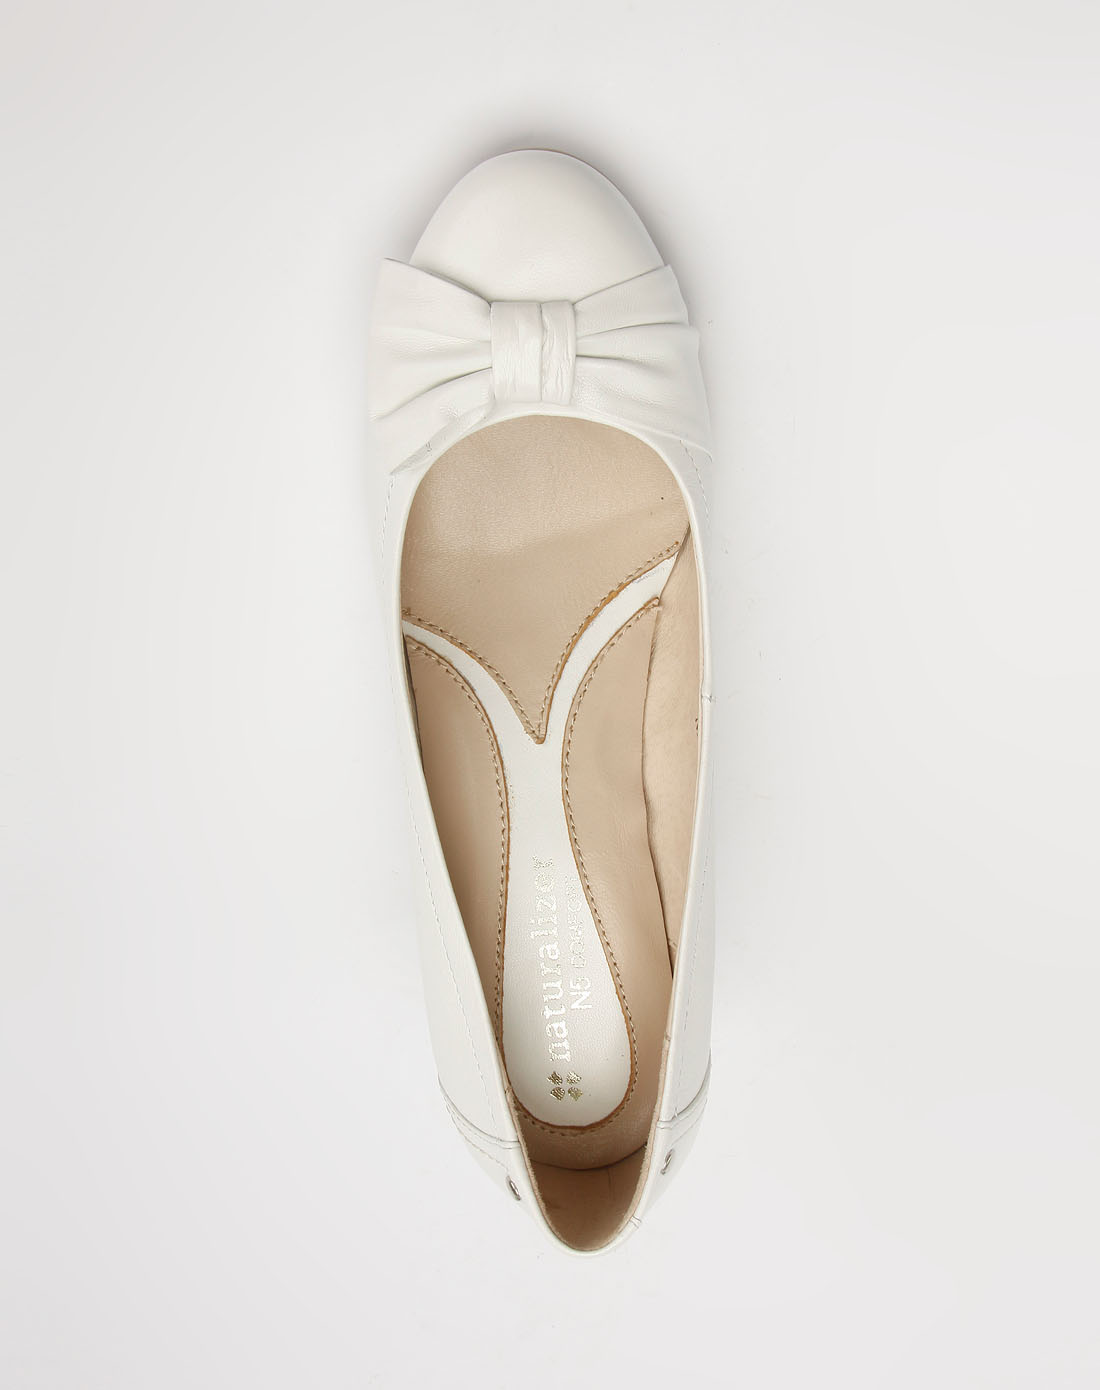 娜然naturalizer白色高跟鞋_唯品会名牌时尚折扣网